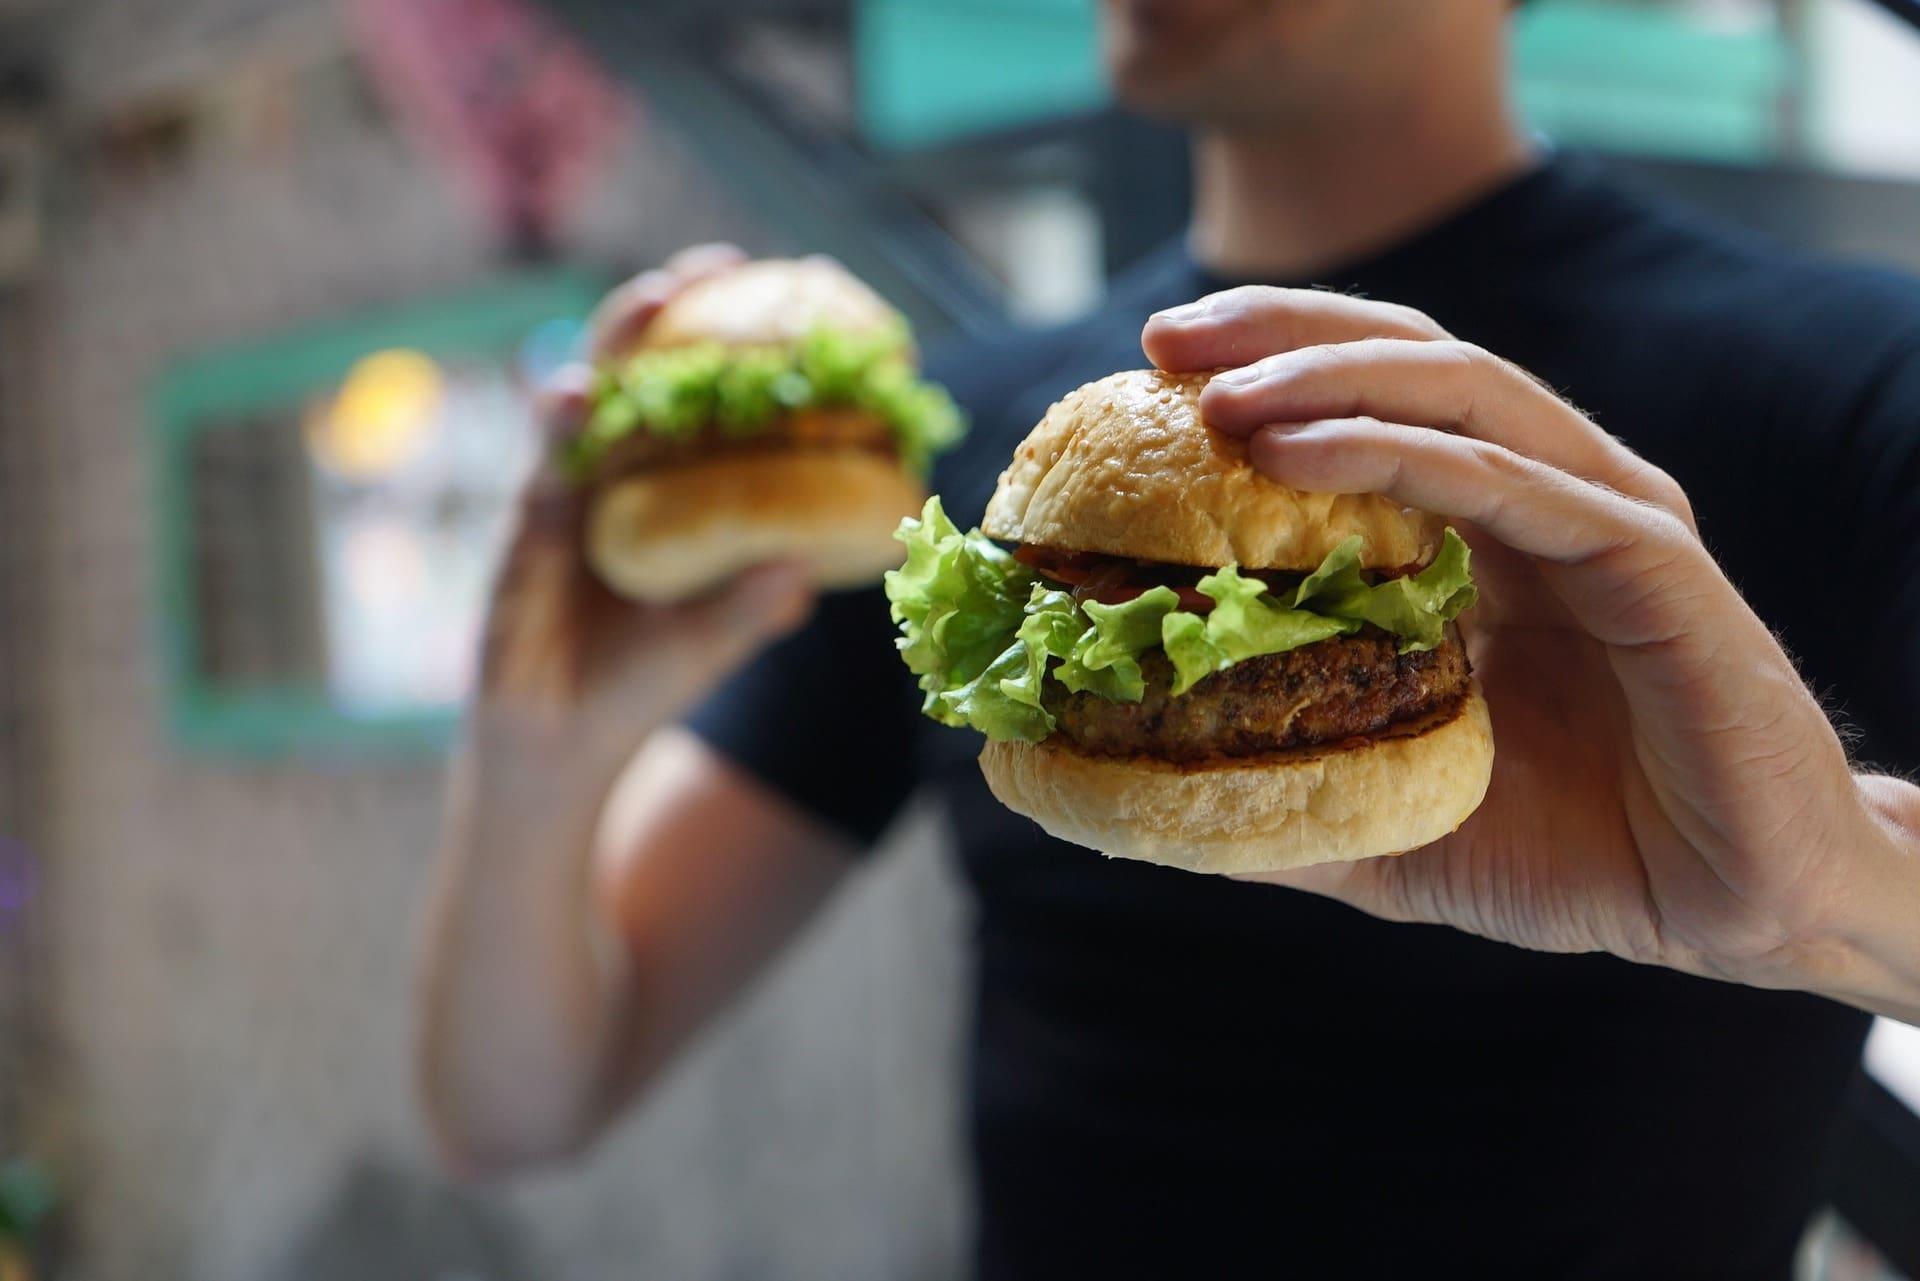 Cara Menjaga Pola Makan Yang Benar Setelah Diet